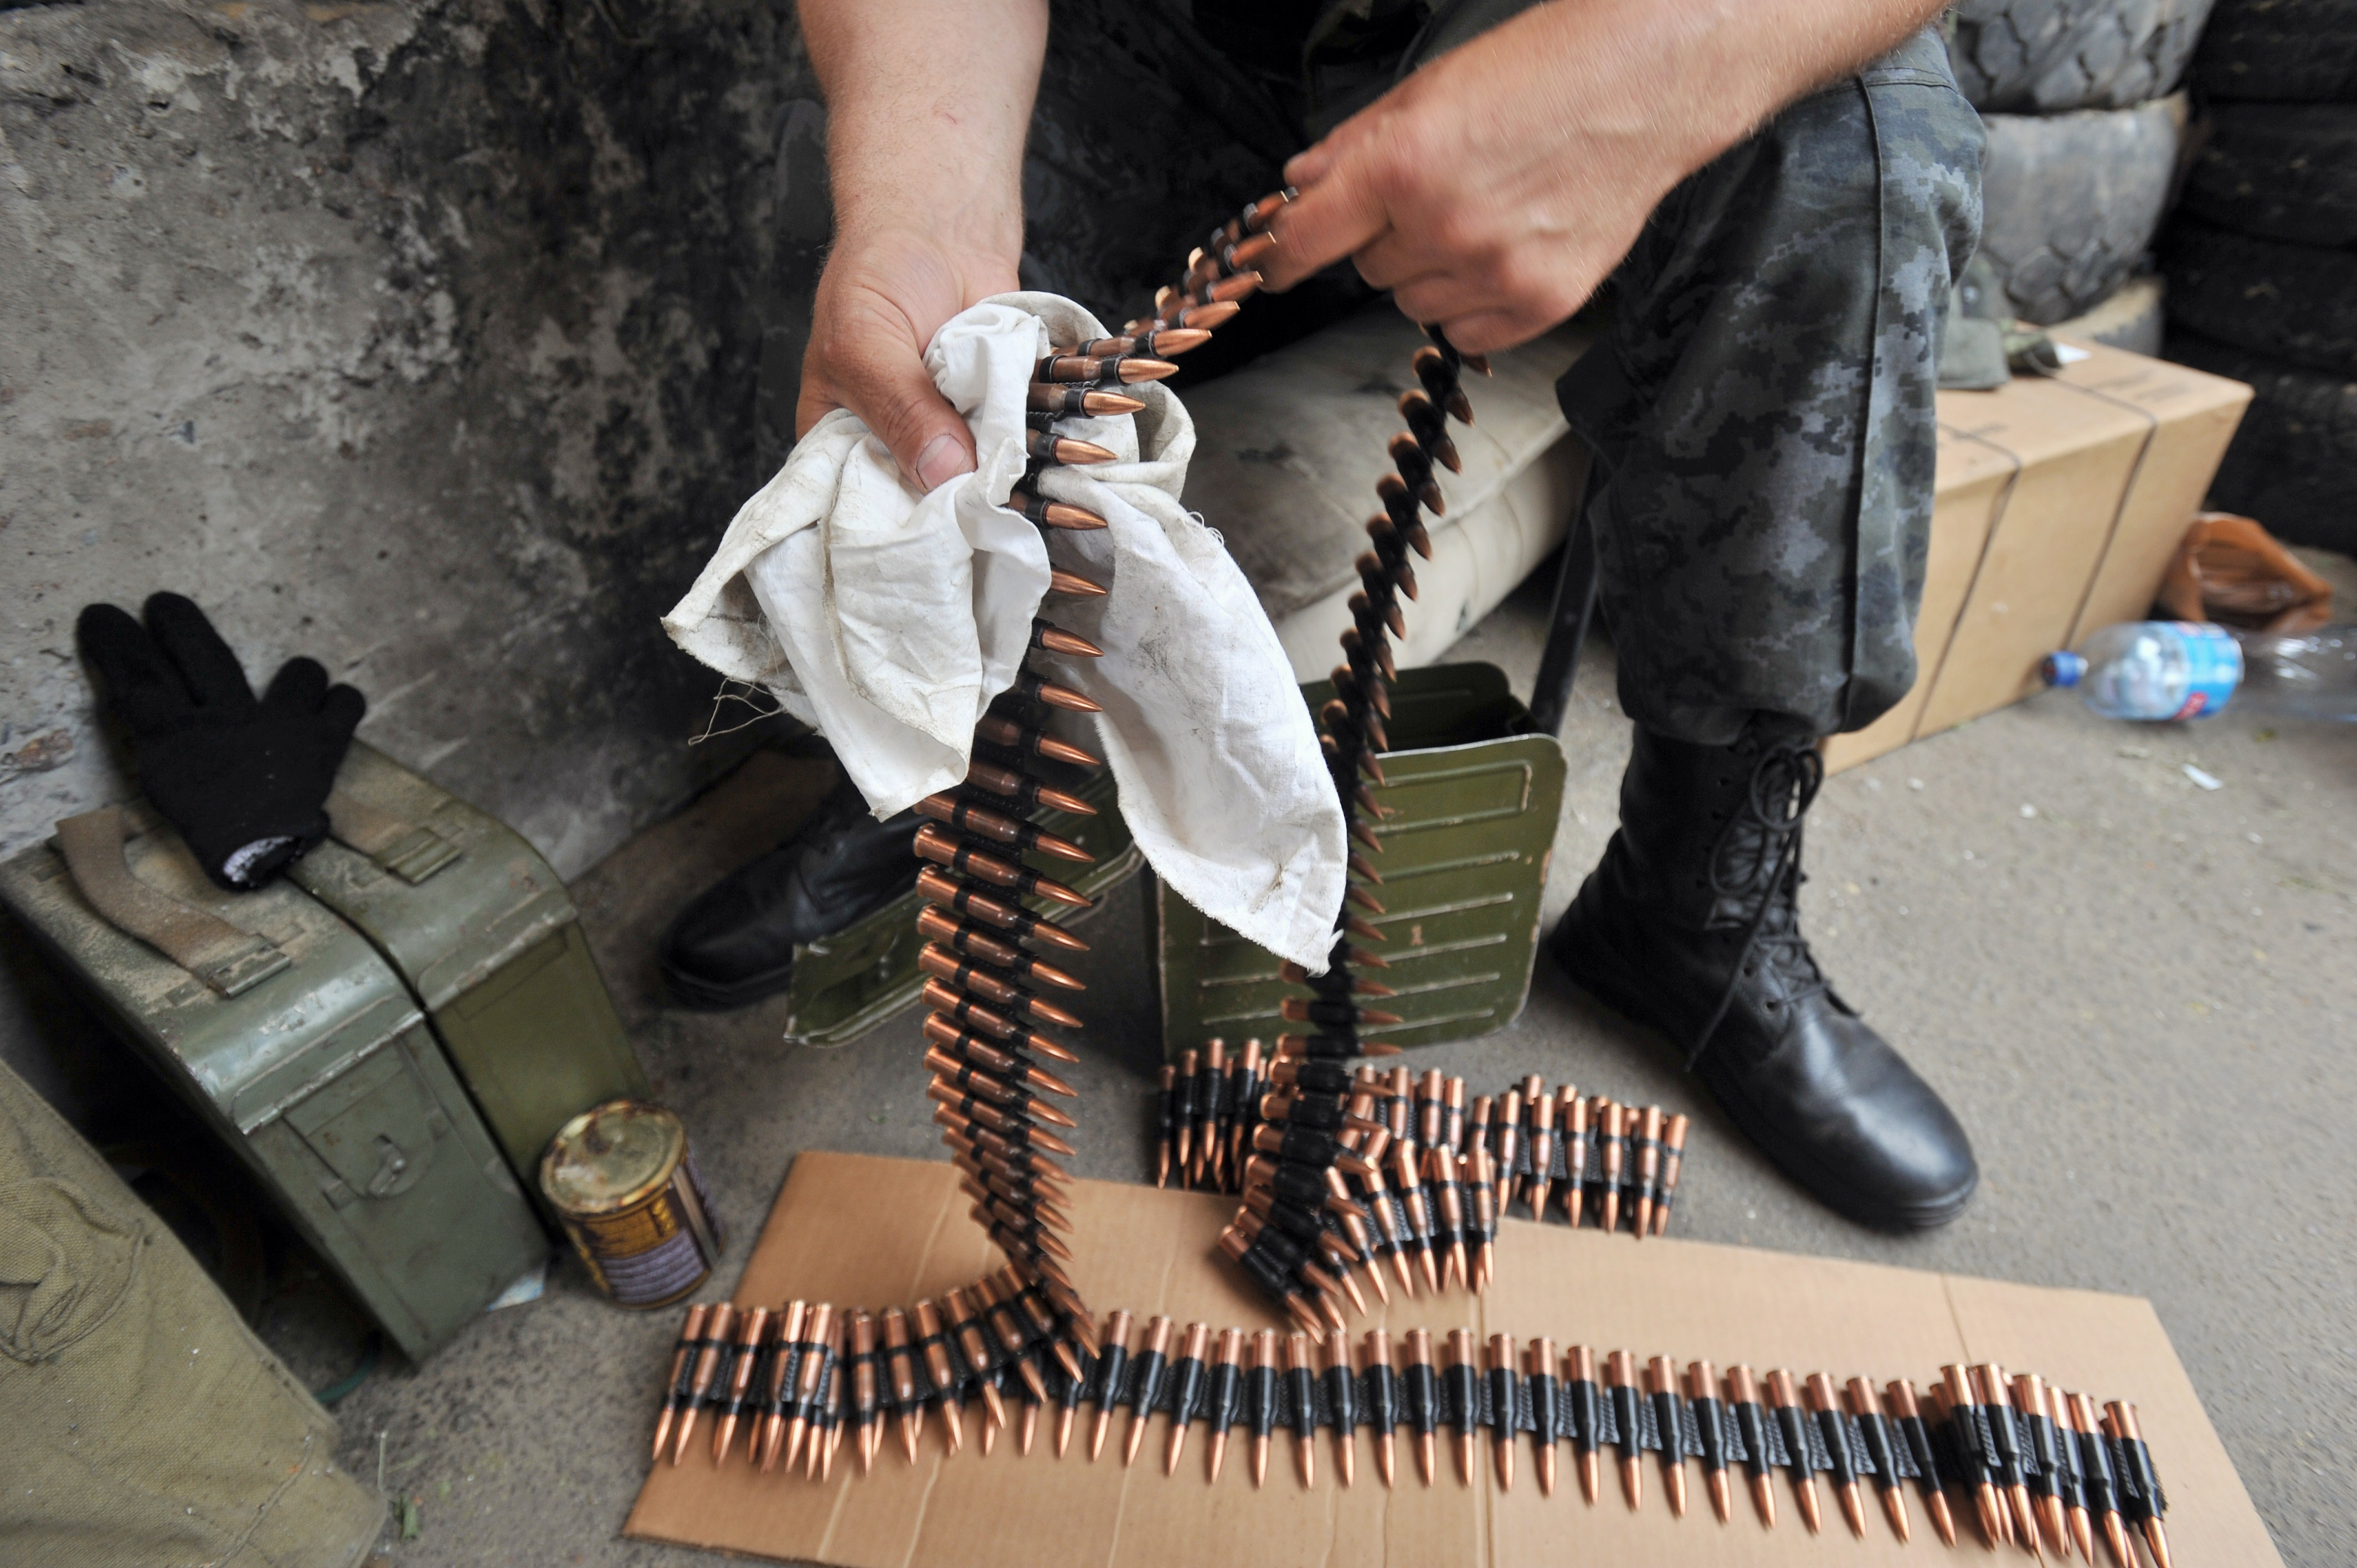 世界最快機槍 每分鐘可射出上百萬發子彈